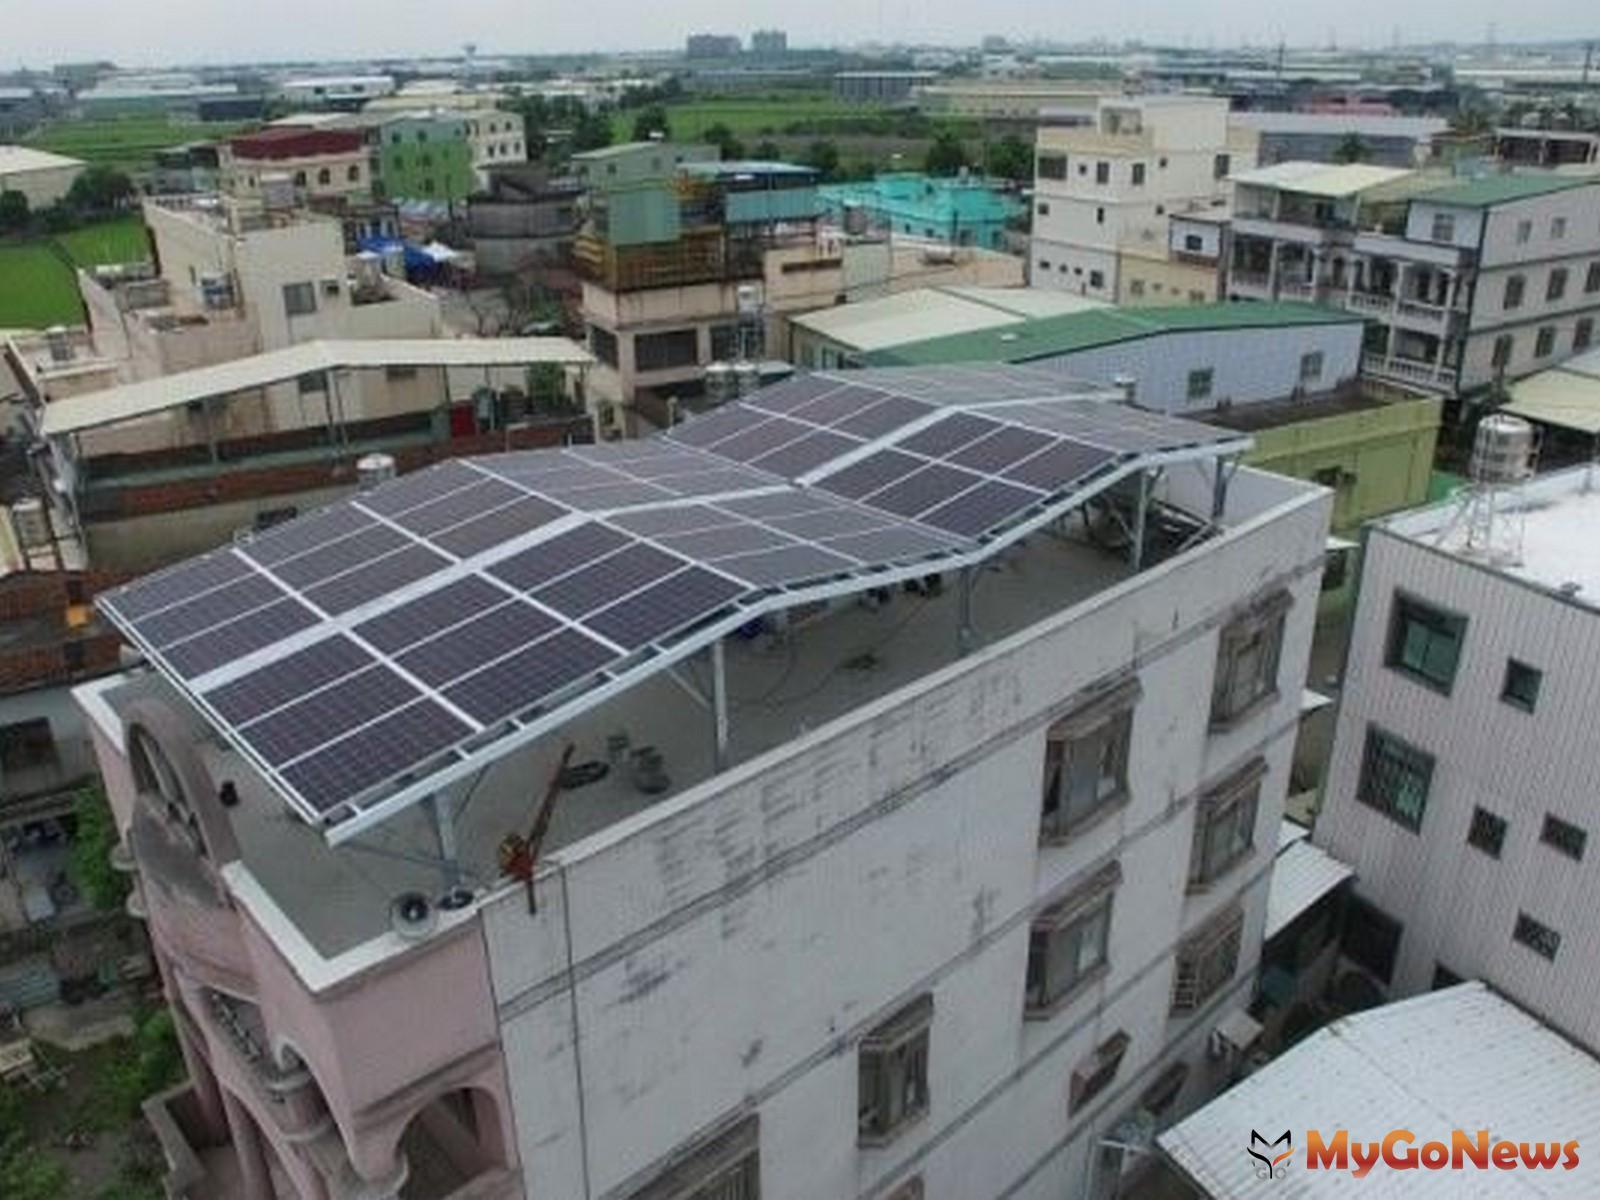 高市釋出1,500萬補助,太陽光電補助起跑,把握機會一同來種綠電賺綠金(圖/高雄市政府) MyGoNews房地產新聞 區域情報